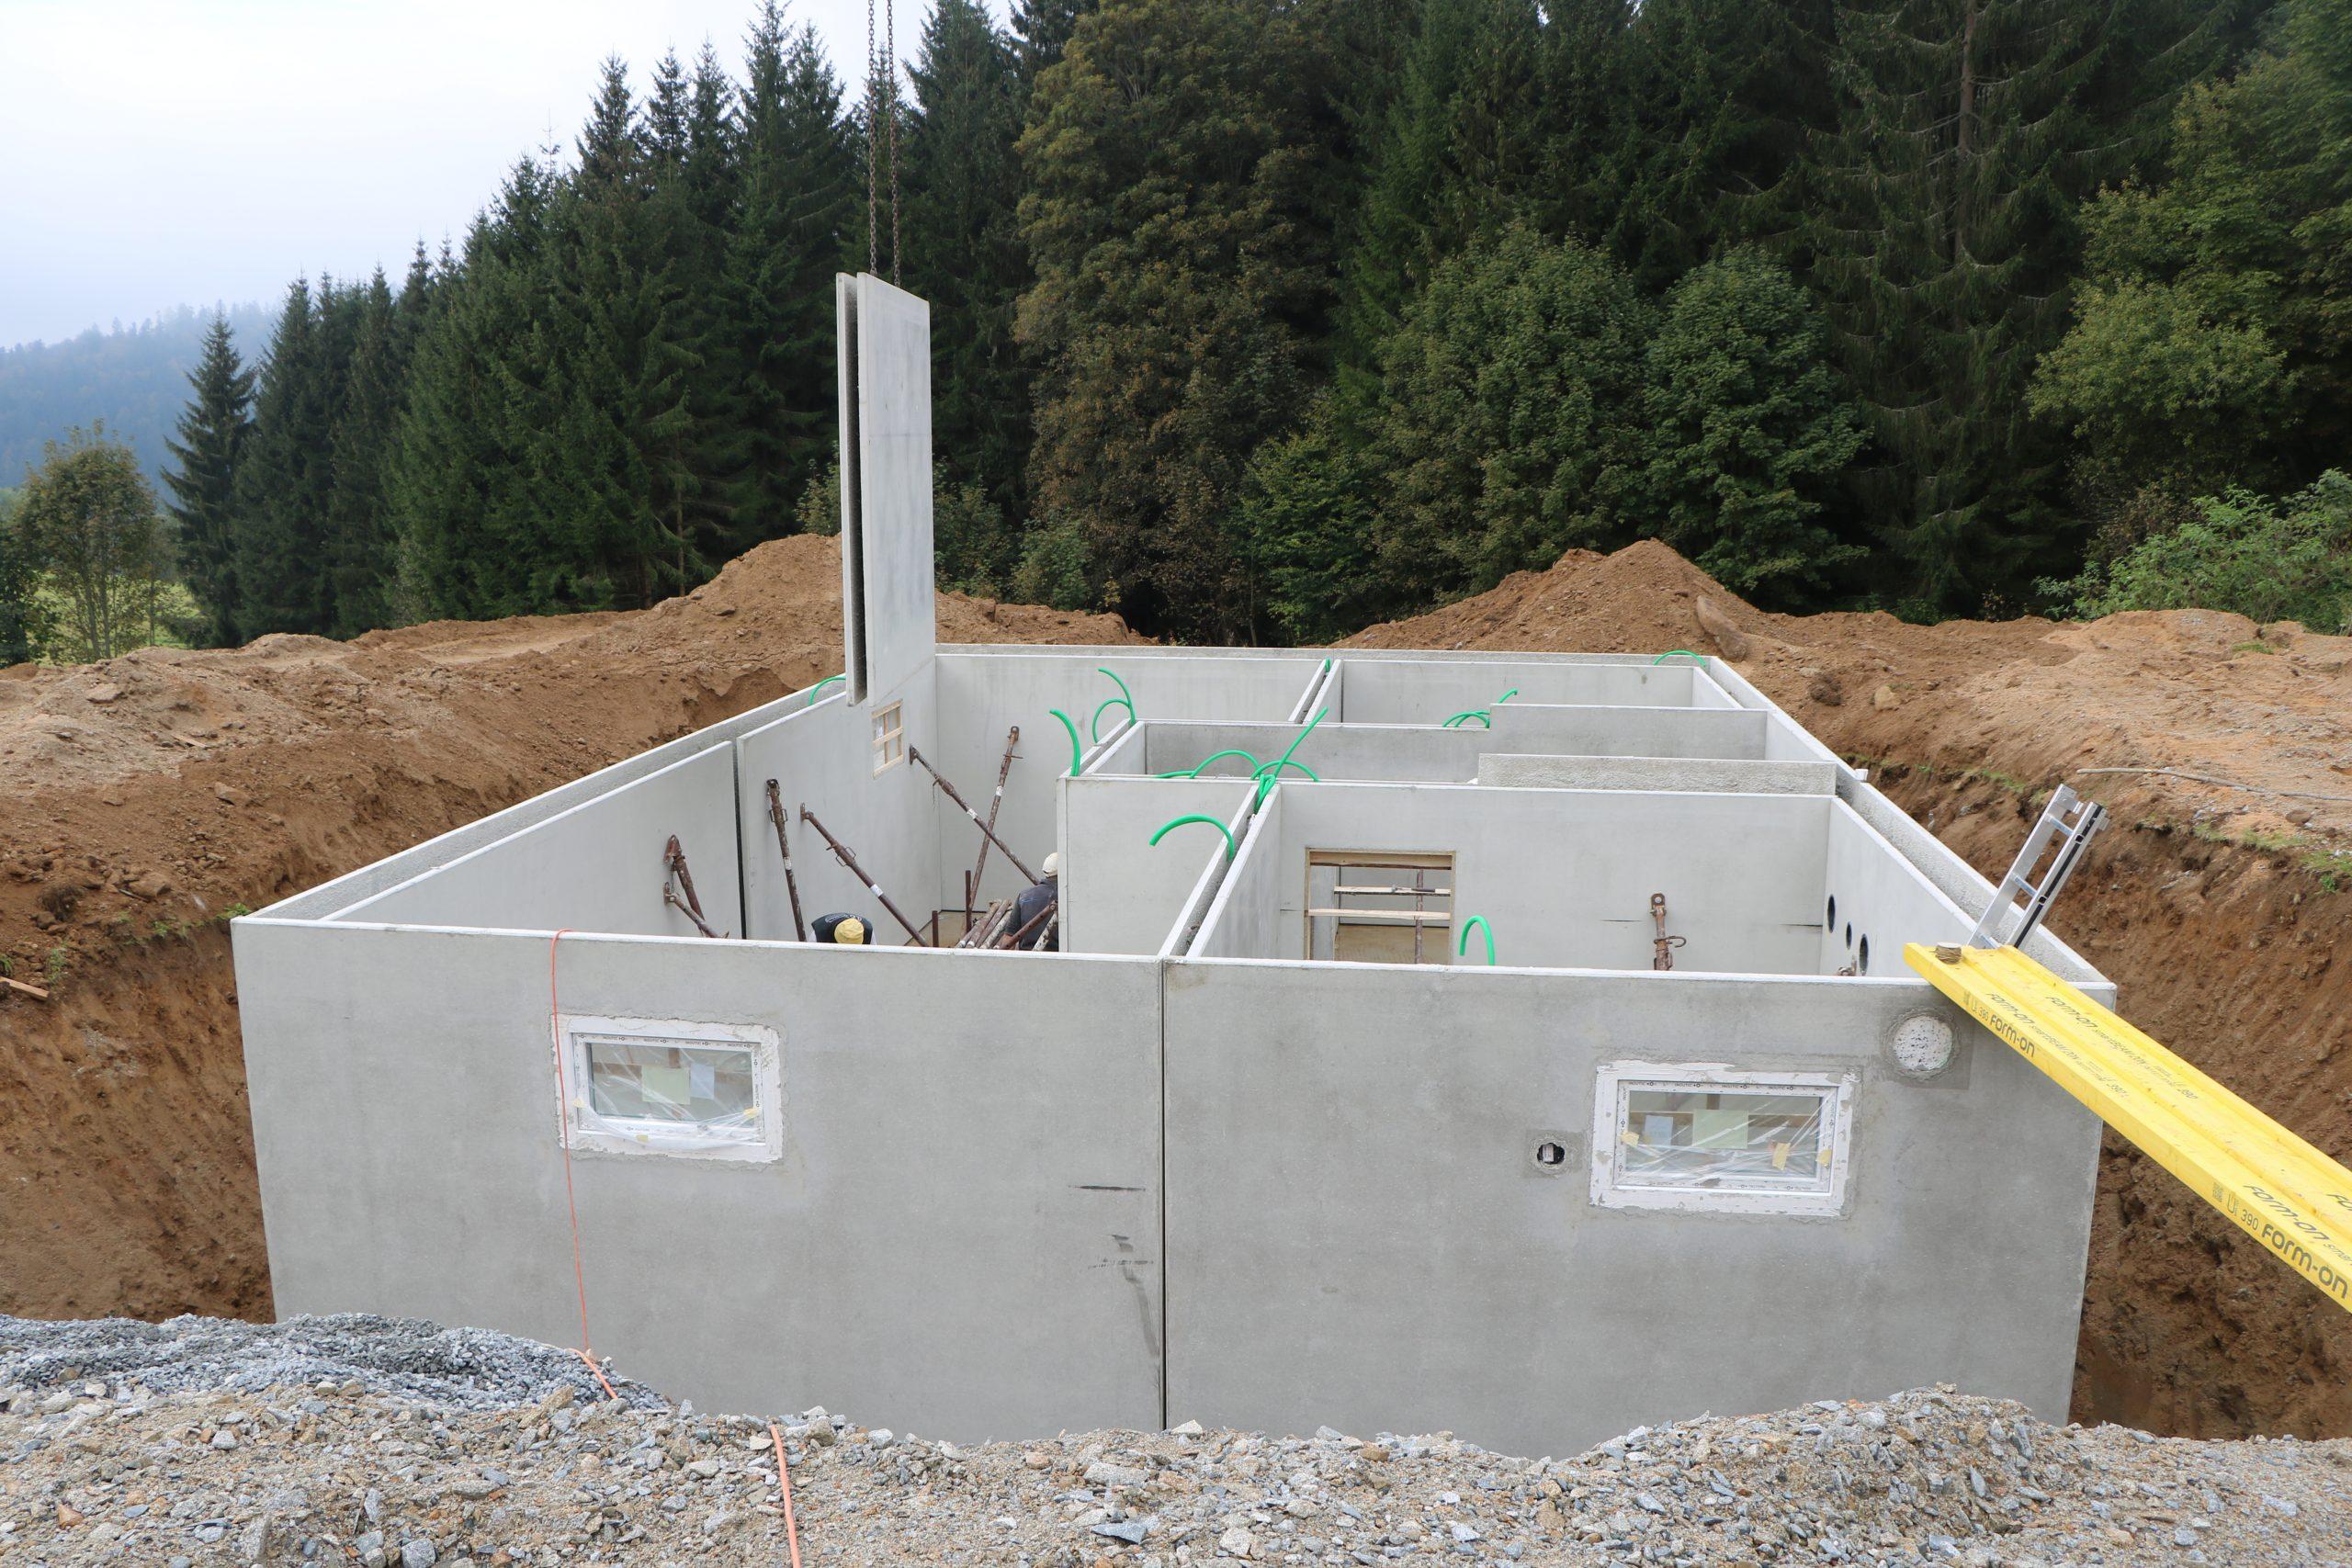 Baubegleitende Qualitaetskontrolle in Mauth von 08.2020 bis 04.2021 scaled